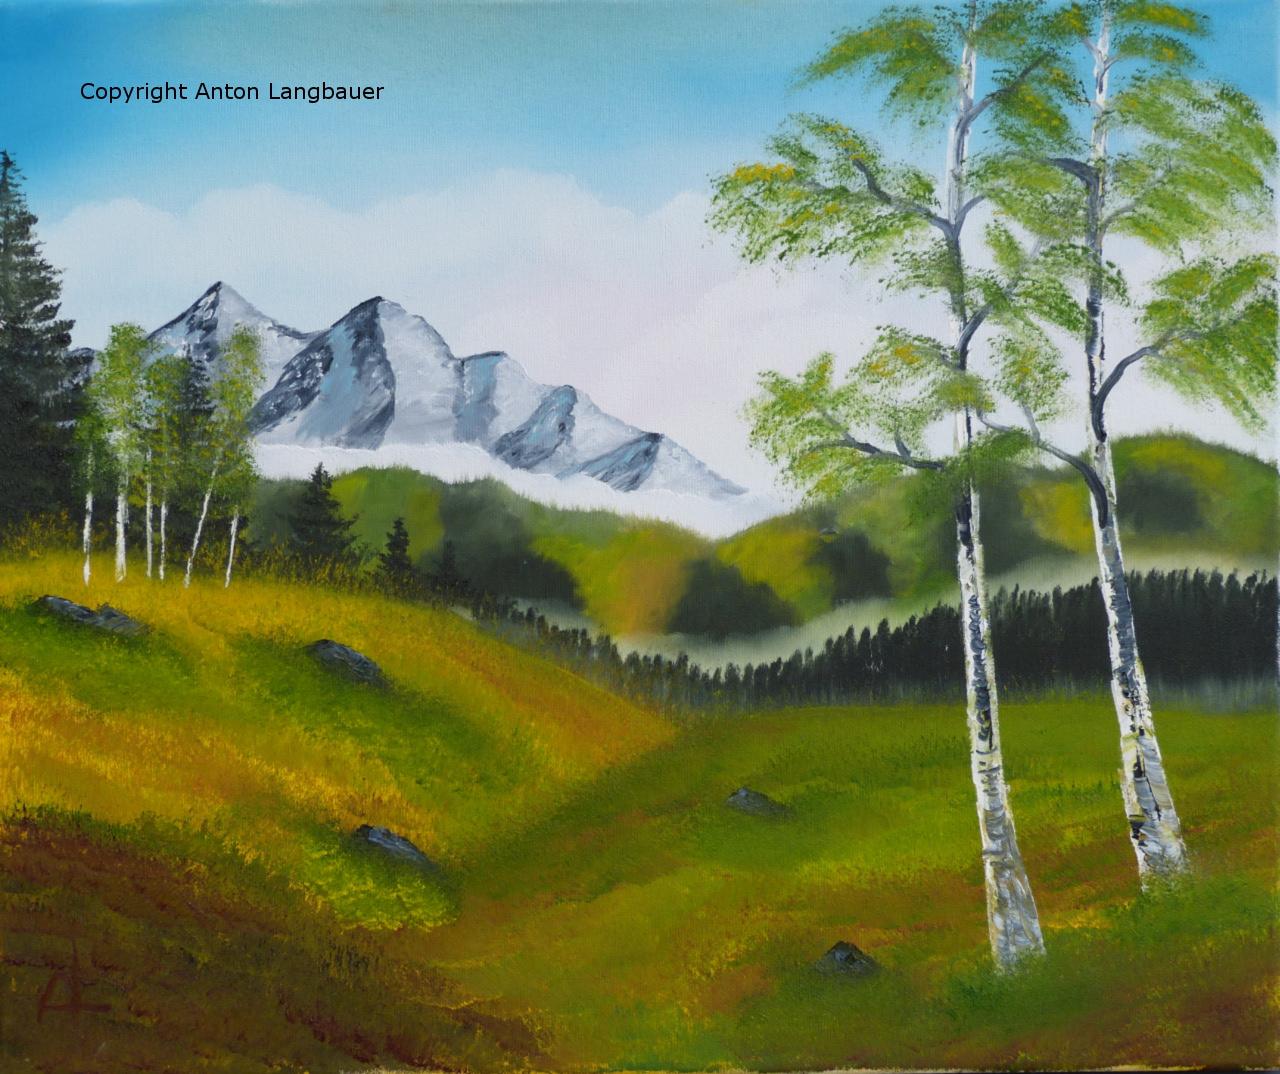 Landschaft mit Birken